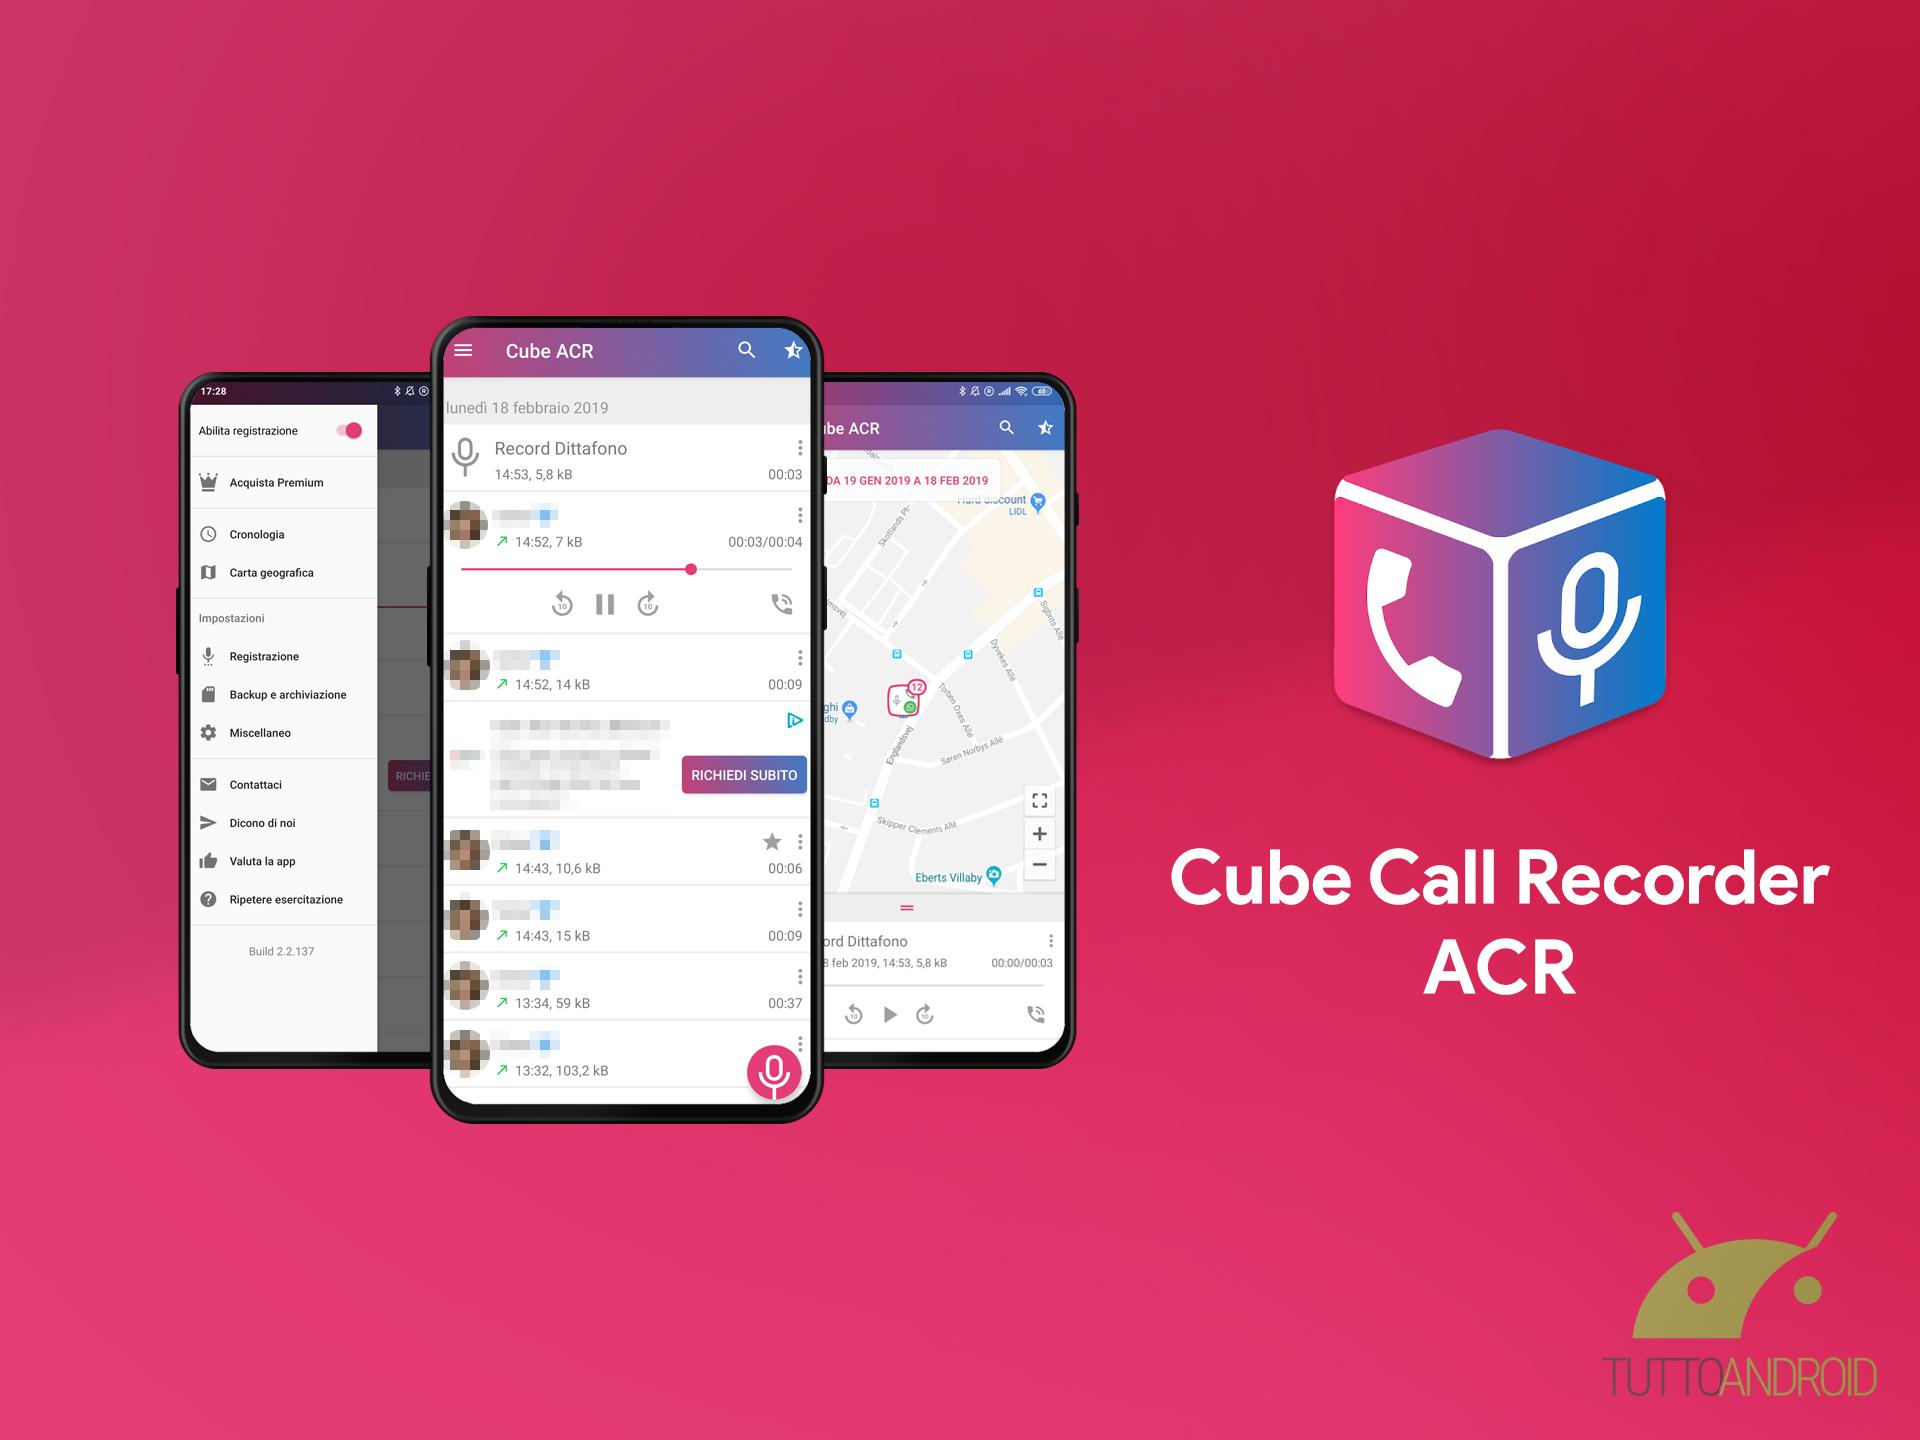 Cube Call Recorder ACR è un'ottima app per registrare le